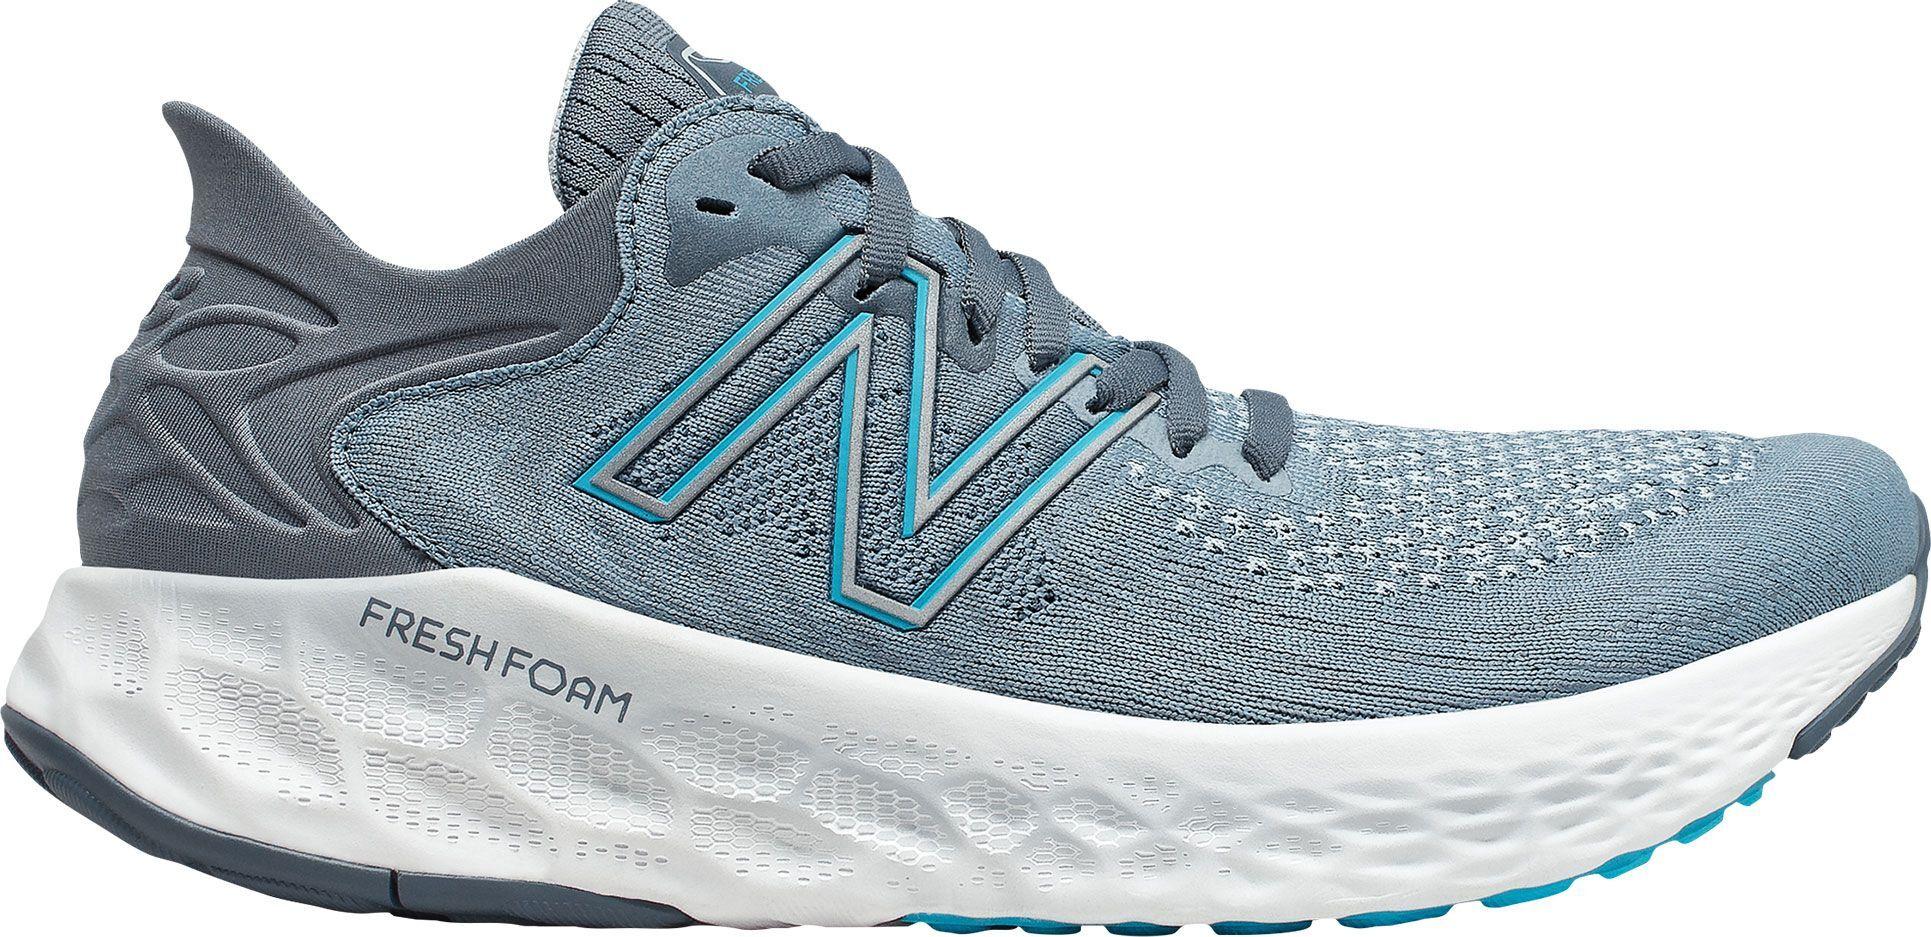 New Balance Men's Fresh Foam 1080 V11 Running Shoes, Gray